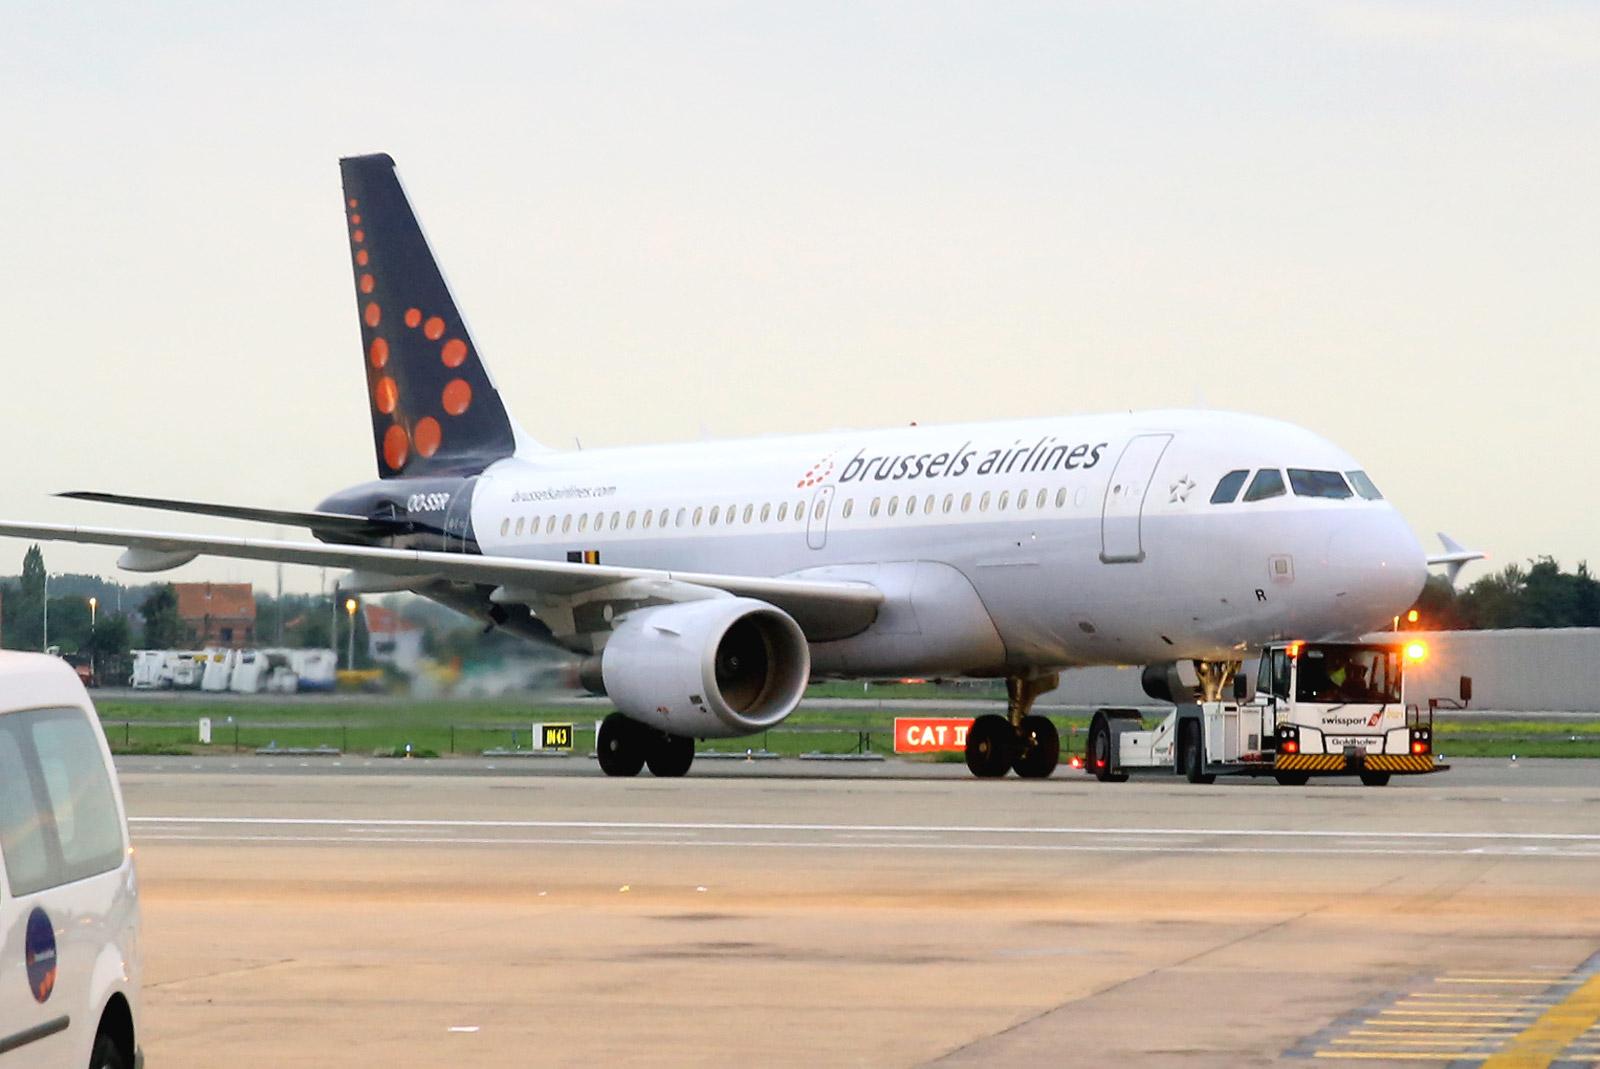 Через всю Европу вместе с Brussels Airlines